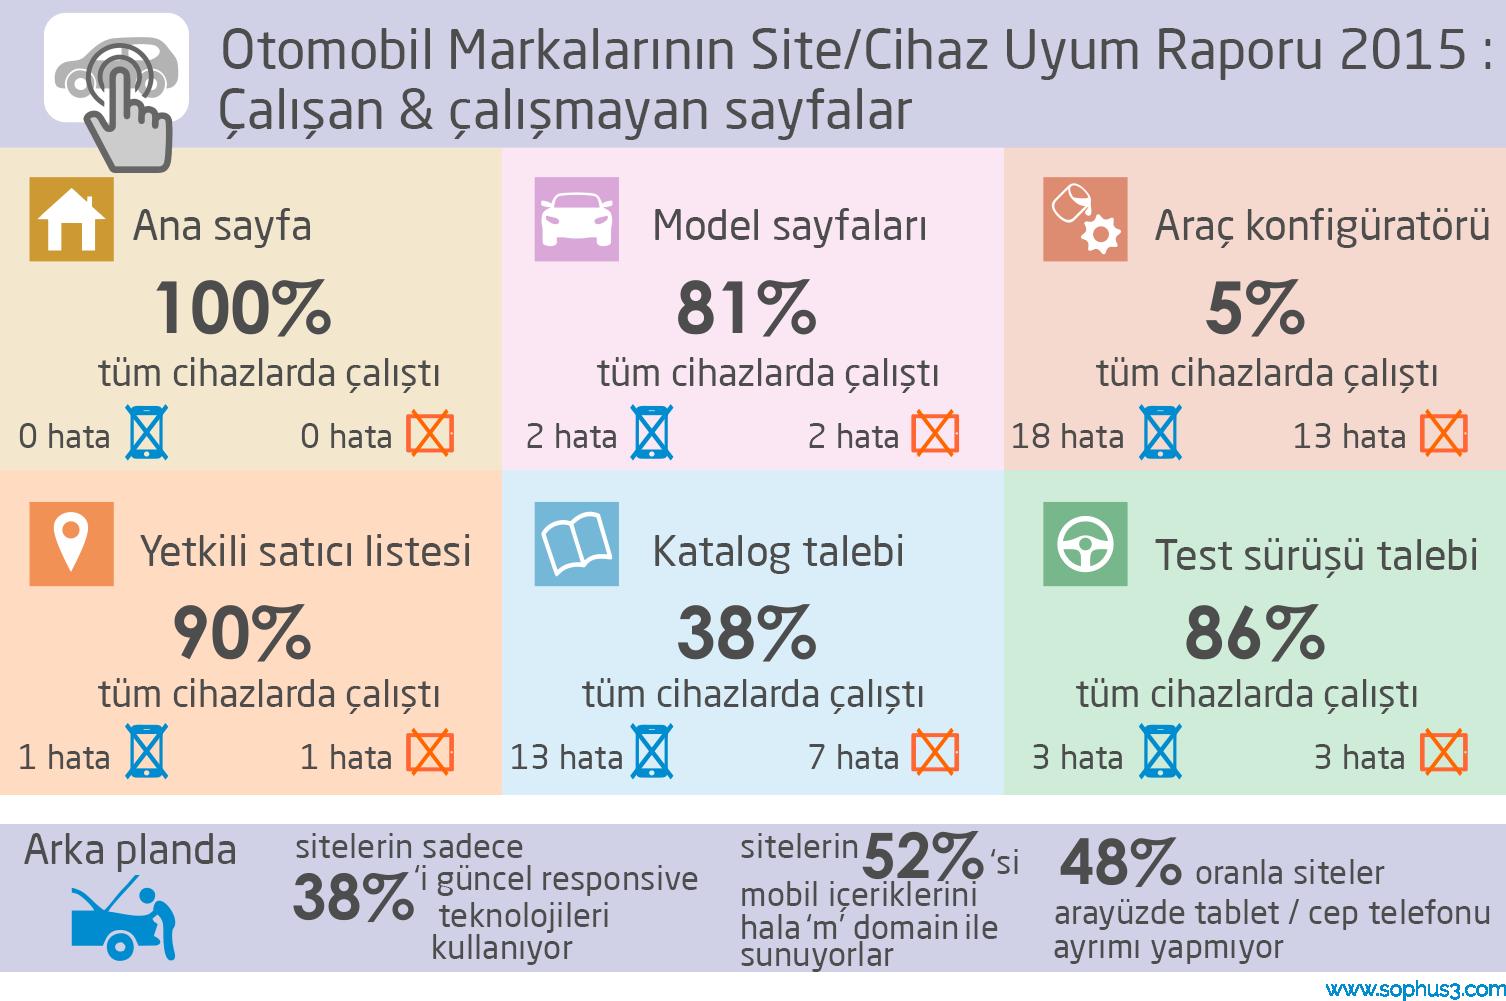 araba markalarının webssitesi cihaz uyum raporu